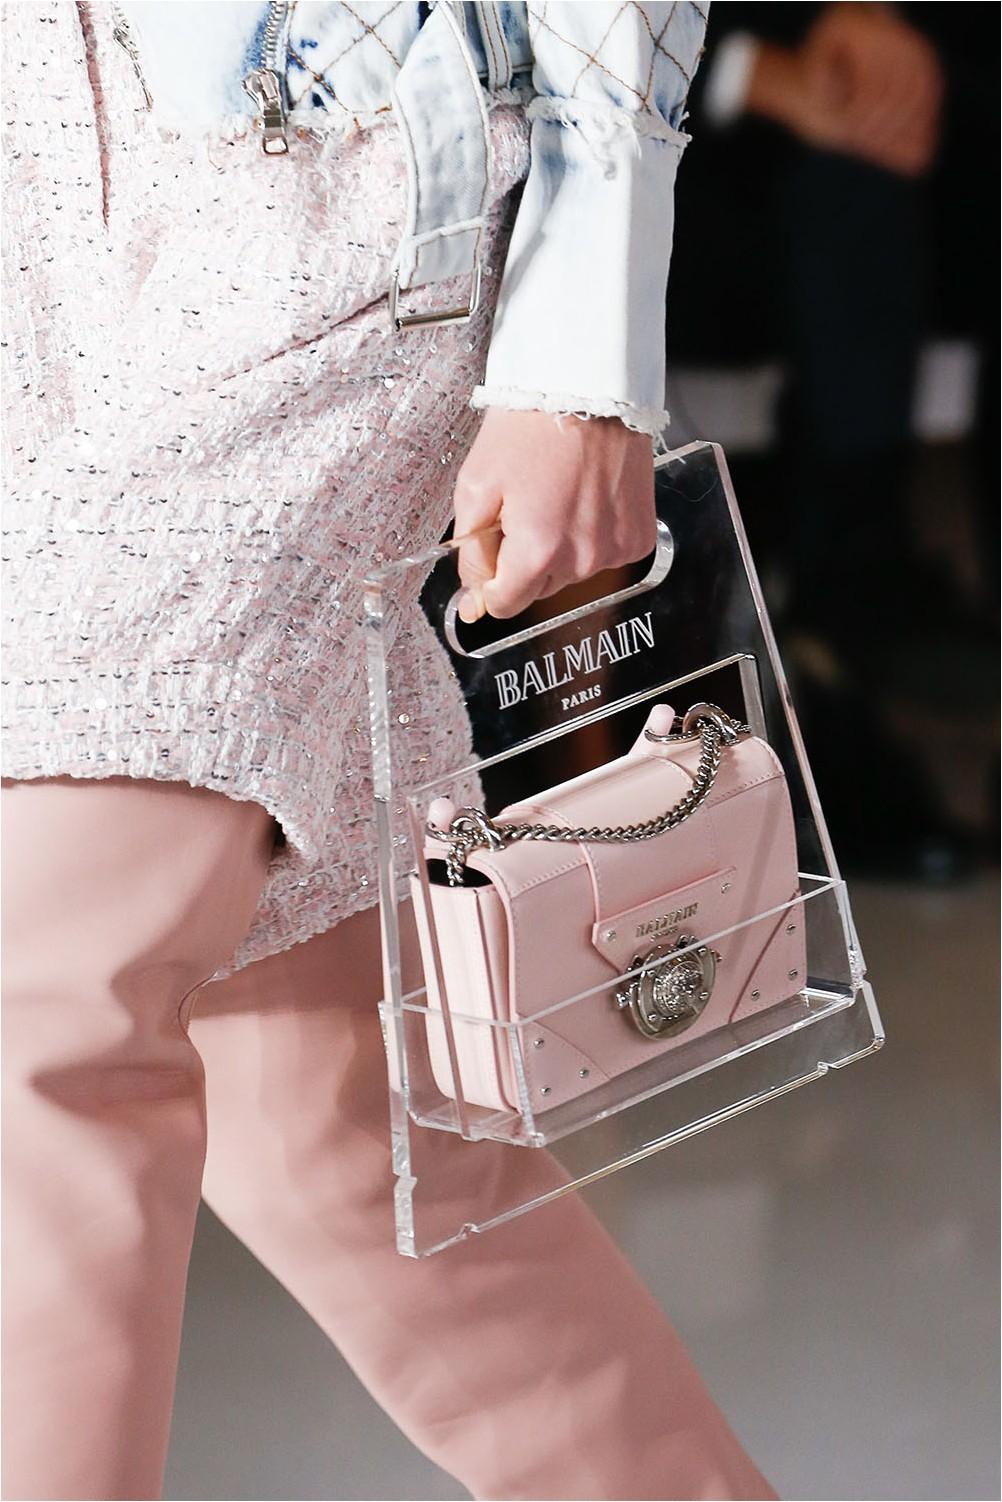 Transparent Balmain Bag